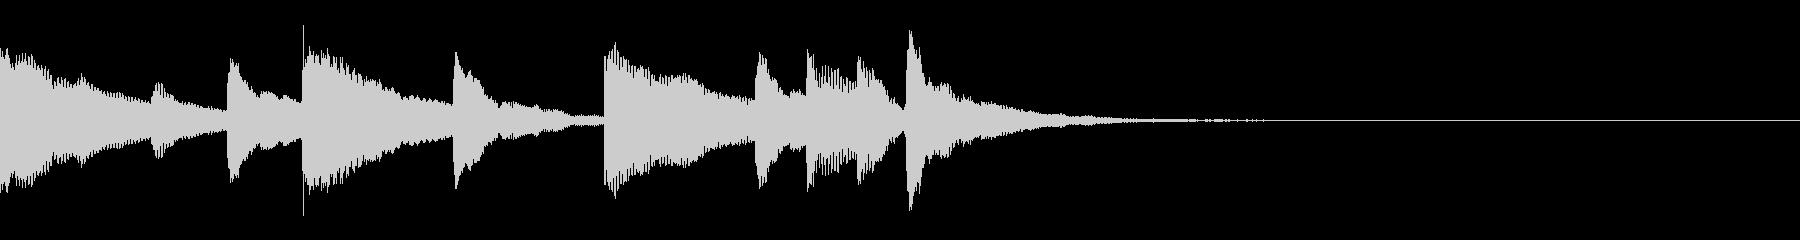 ラジオ、ほのぼの可愛いマリンバのジングルの未再生の波形